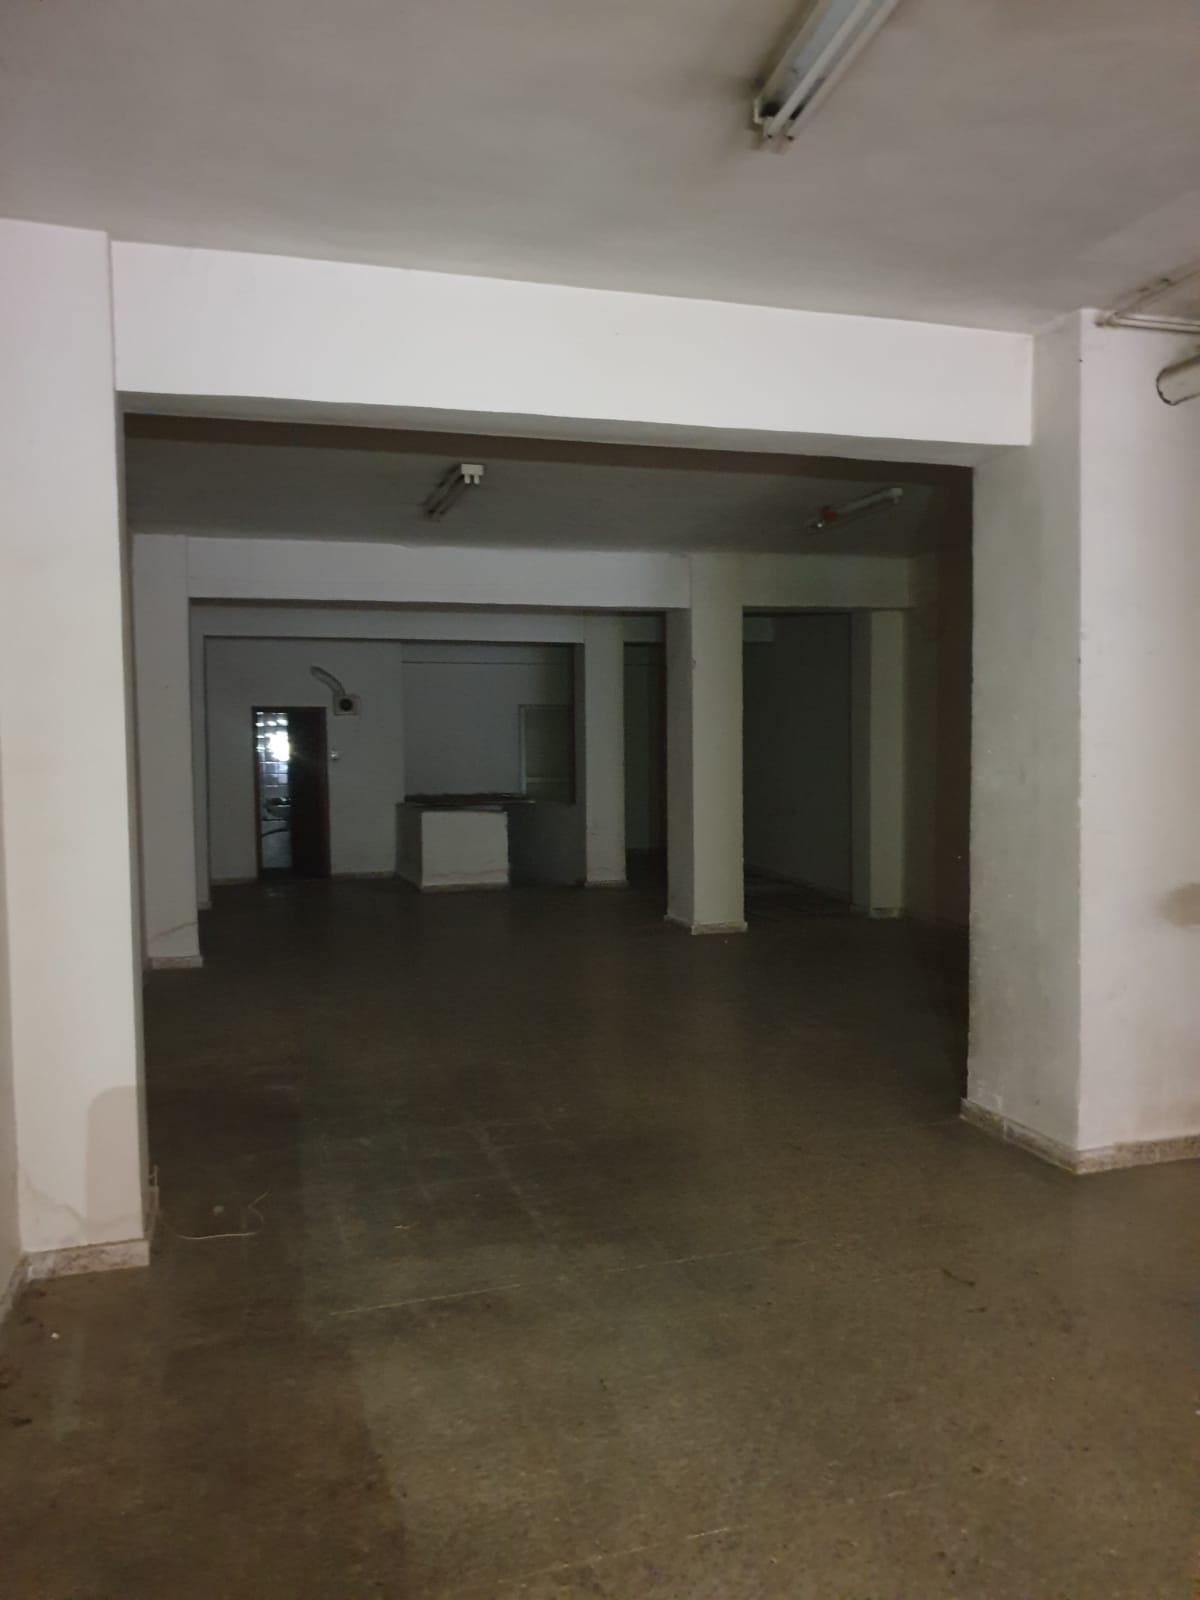 Commercial Premises for rent in Centro-Sagrario (Granada), 800 €/month